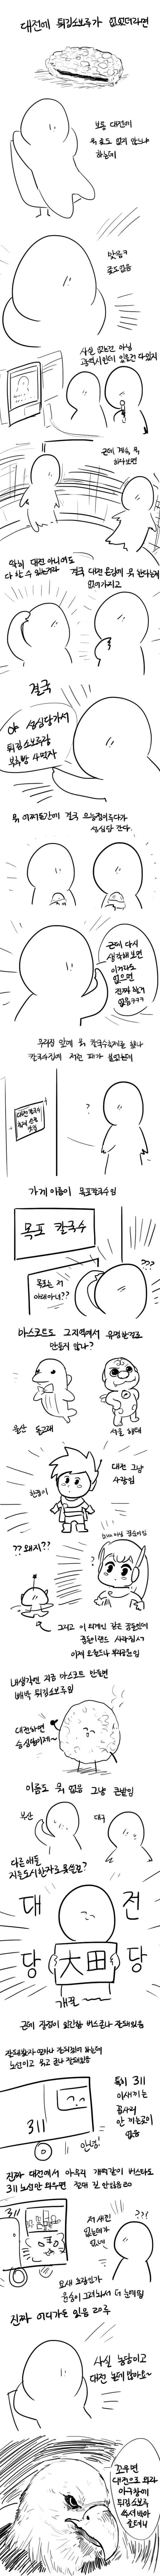 대전에서 성심당 빼면 별거없다는 사람에게 보여줘야하는 만화.jpg | 인스티즈